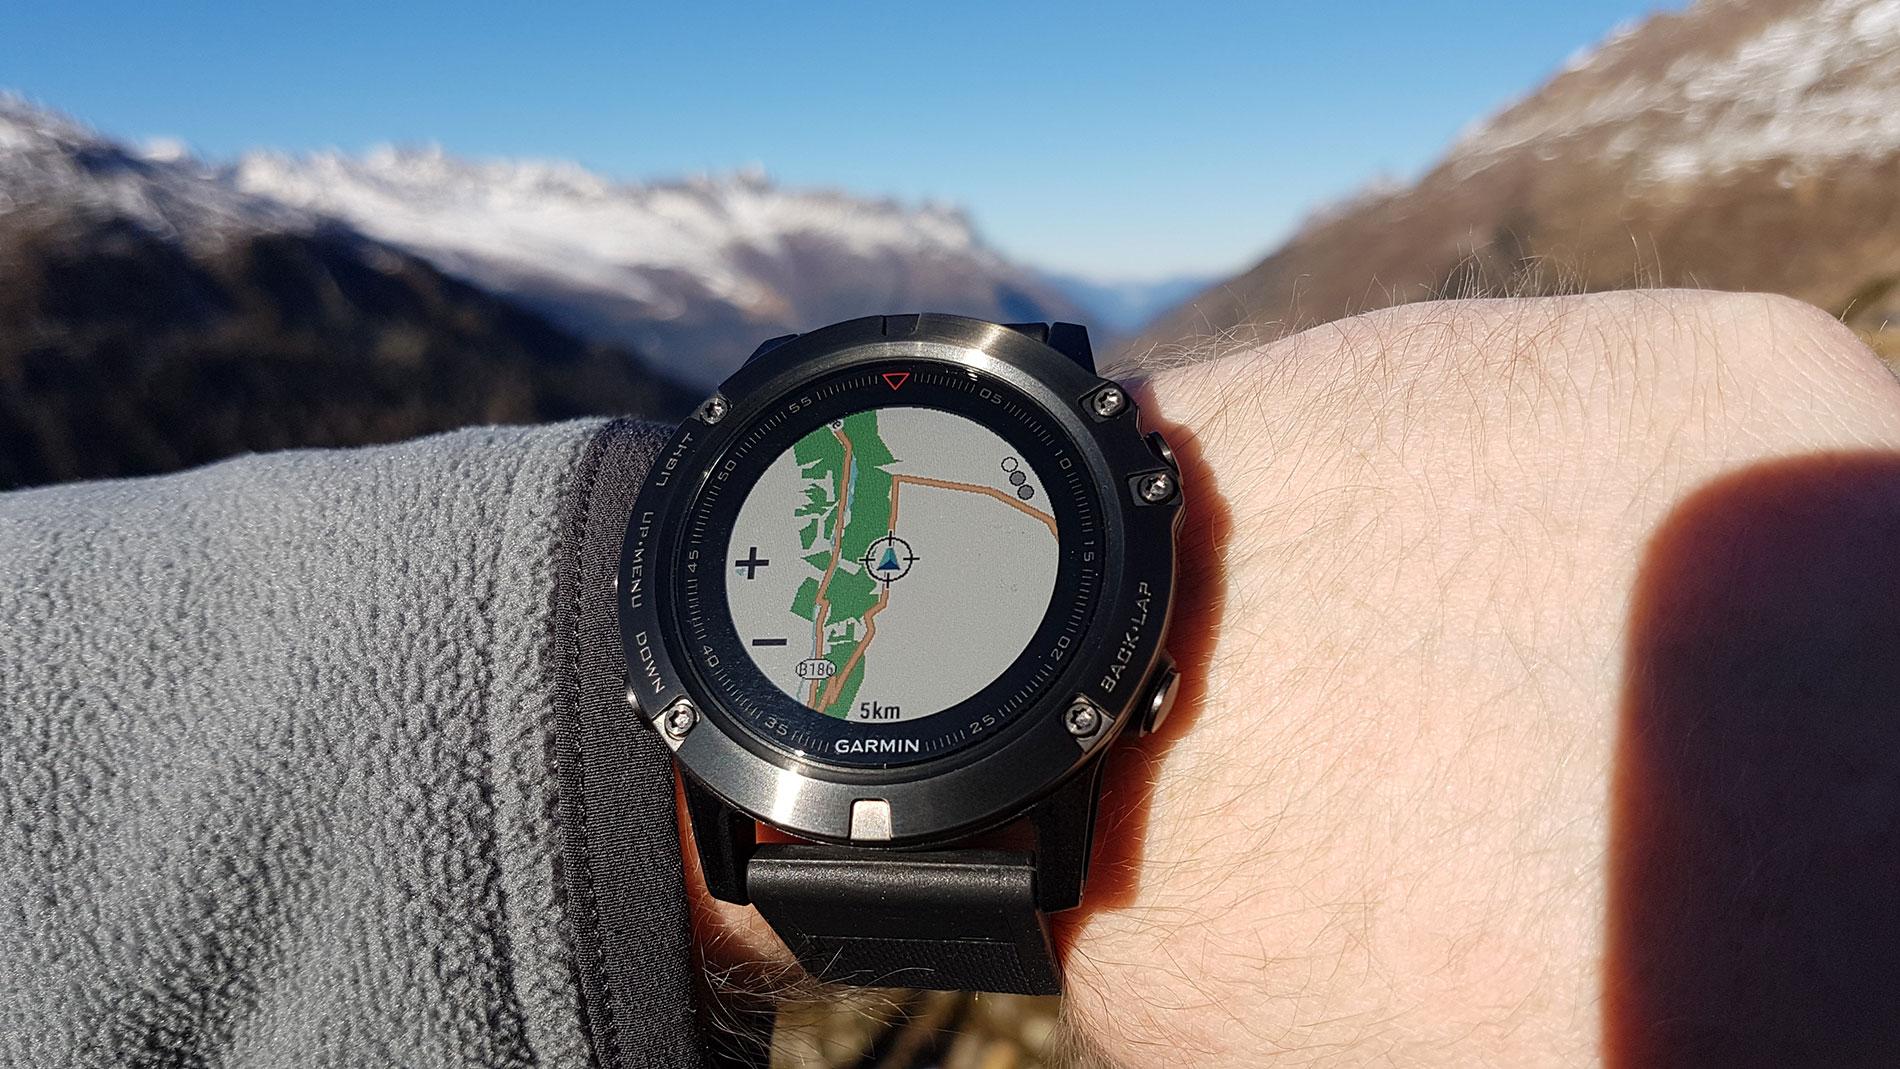 Garmin fenix 5: Neue GPS-Multisport-Smartwatch mit